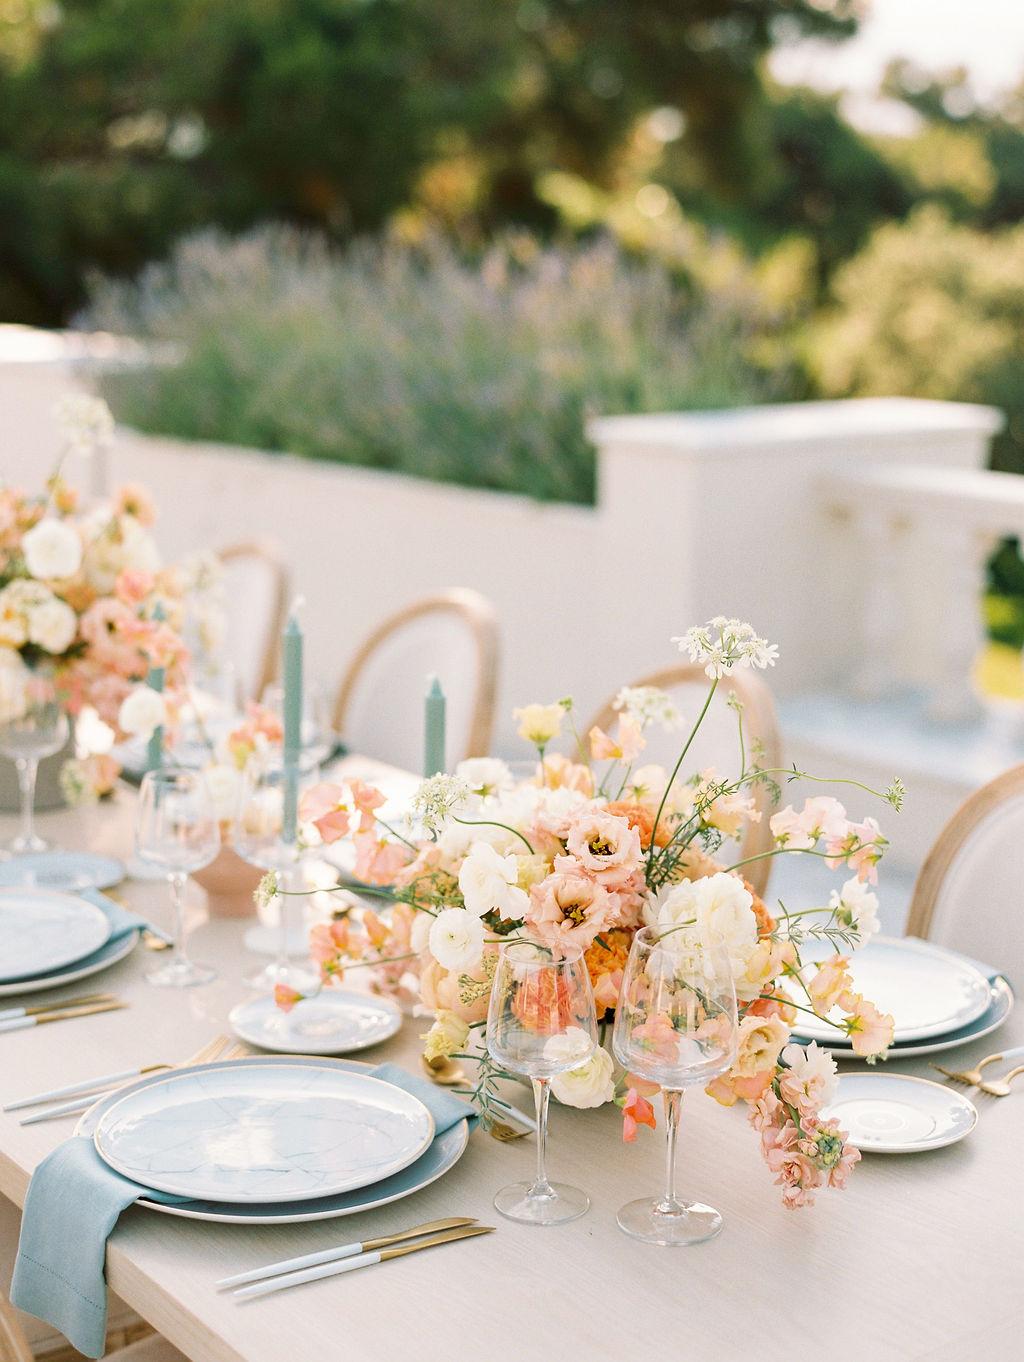 Wedding In Greece - Table setting